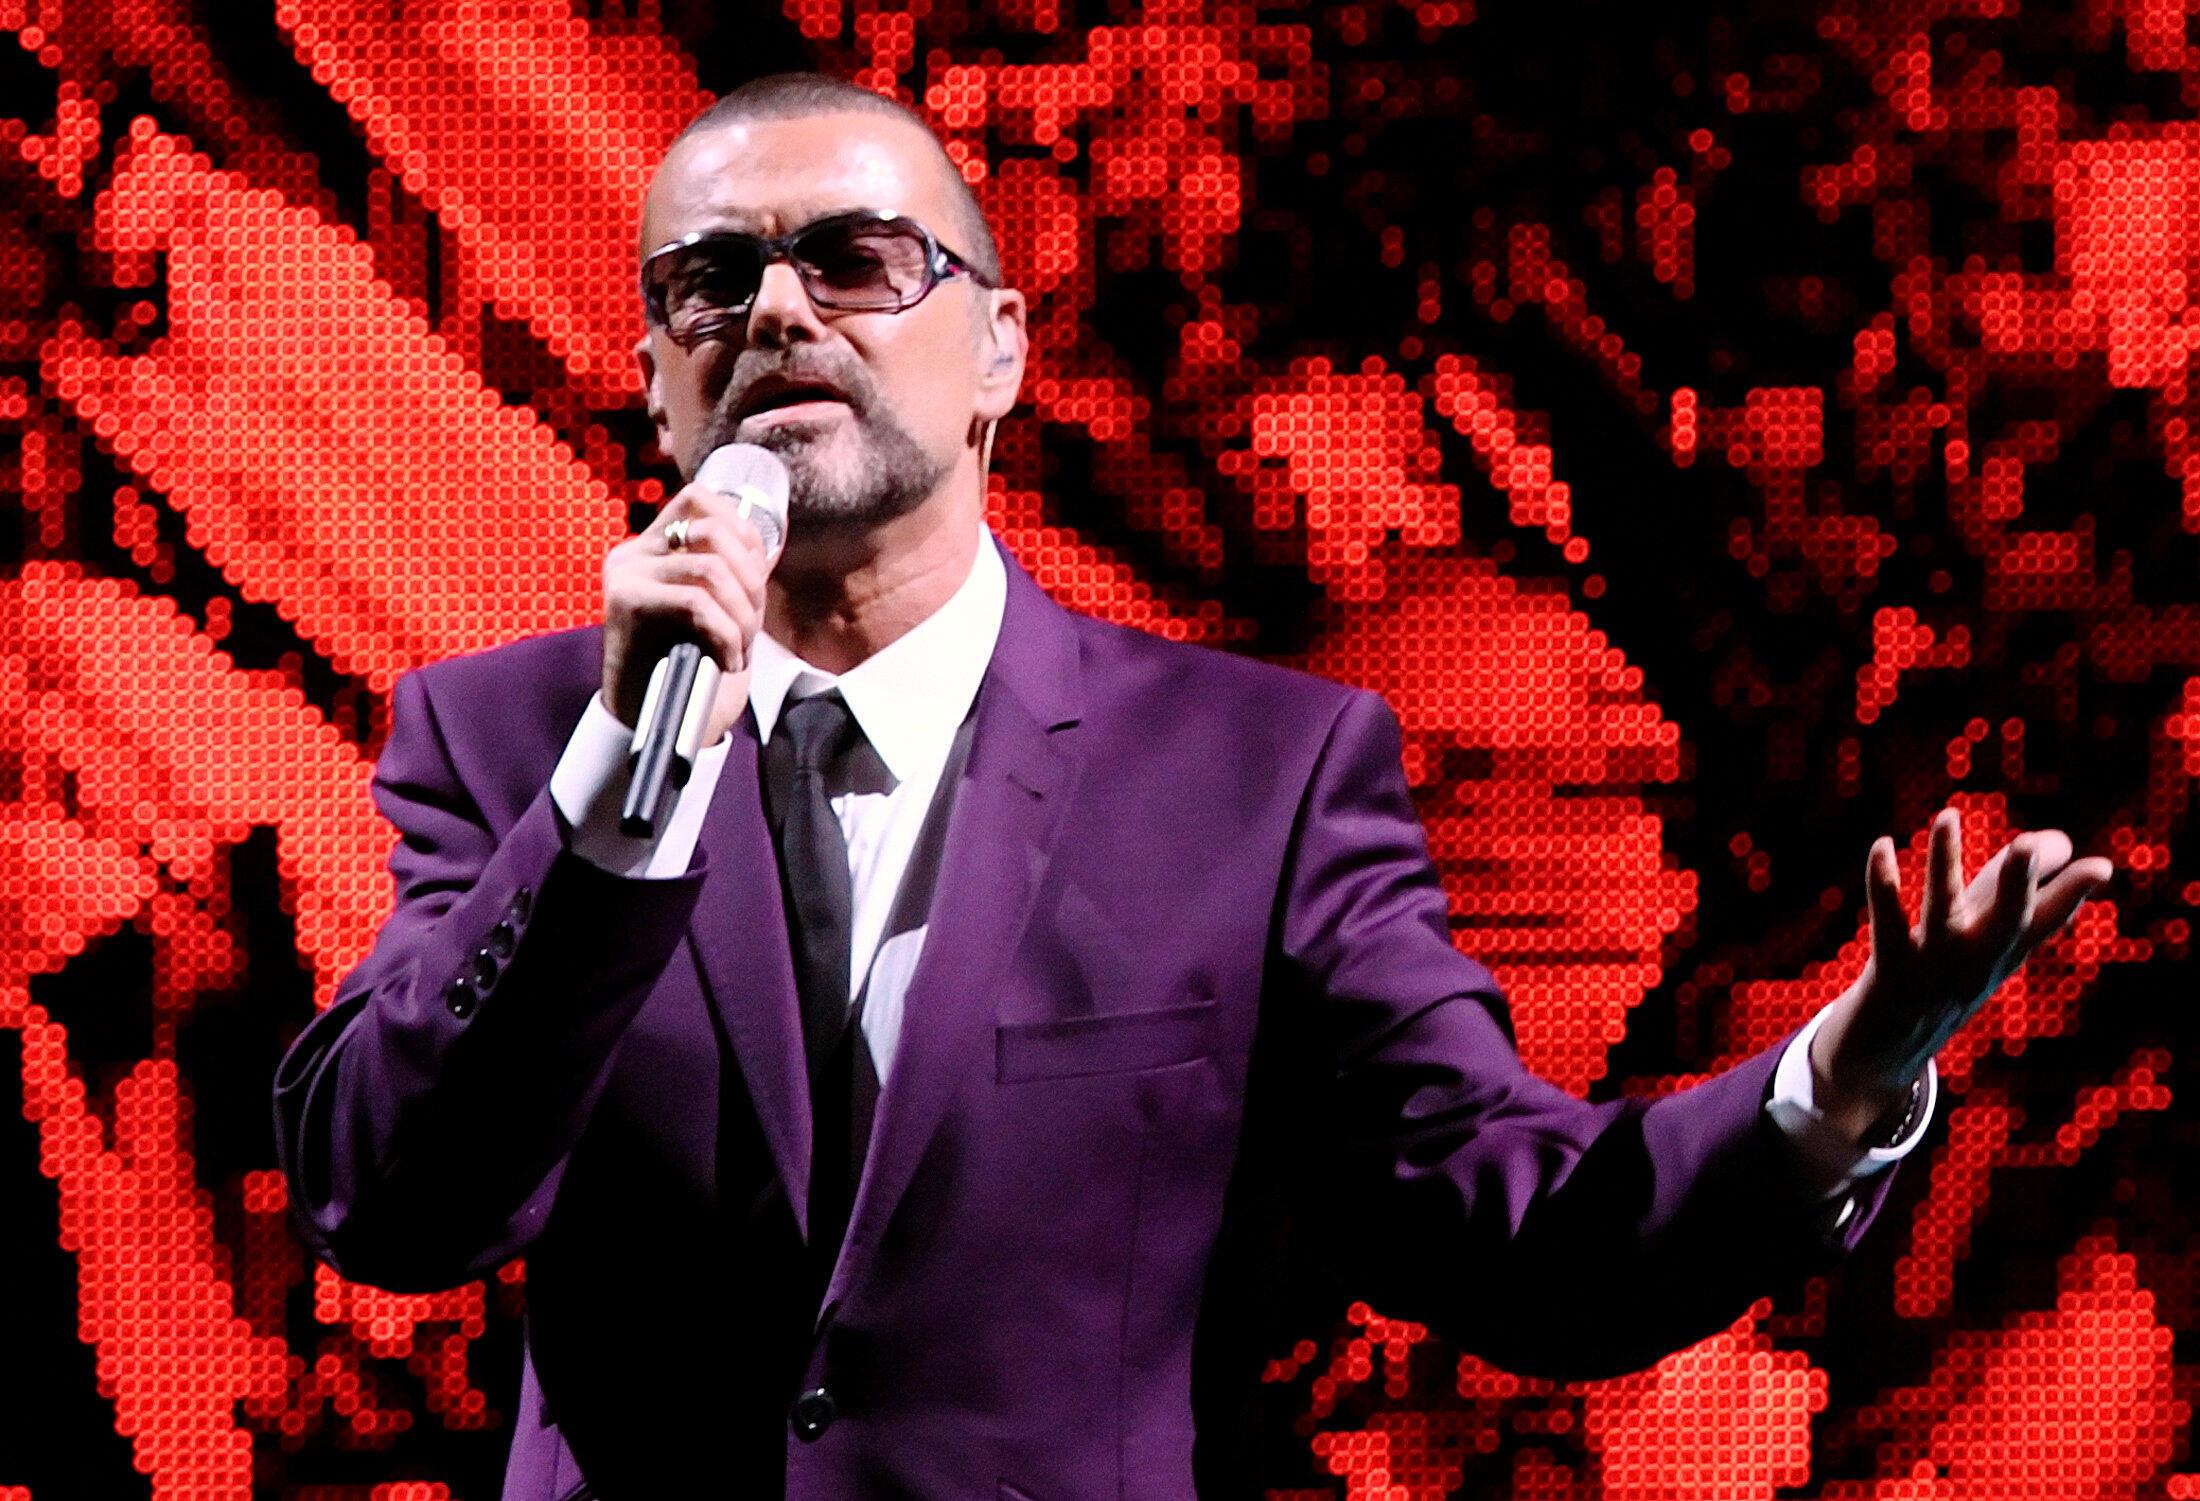 El cantante británico George Michael en un concierto en Viena, el 4 de septiembre de 2012.